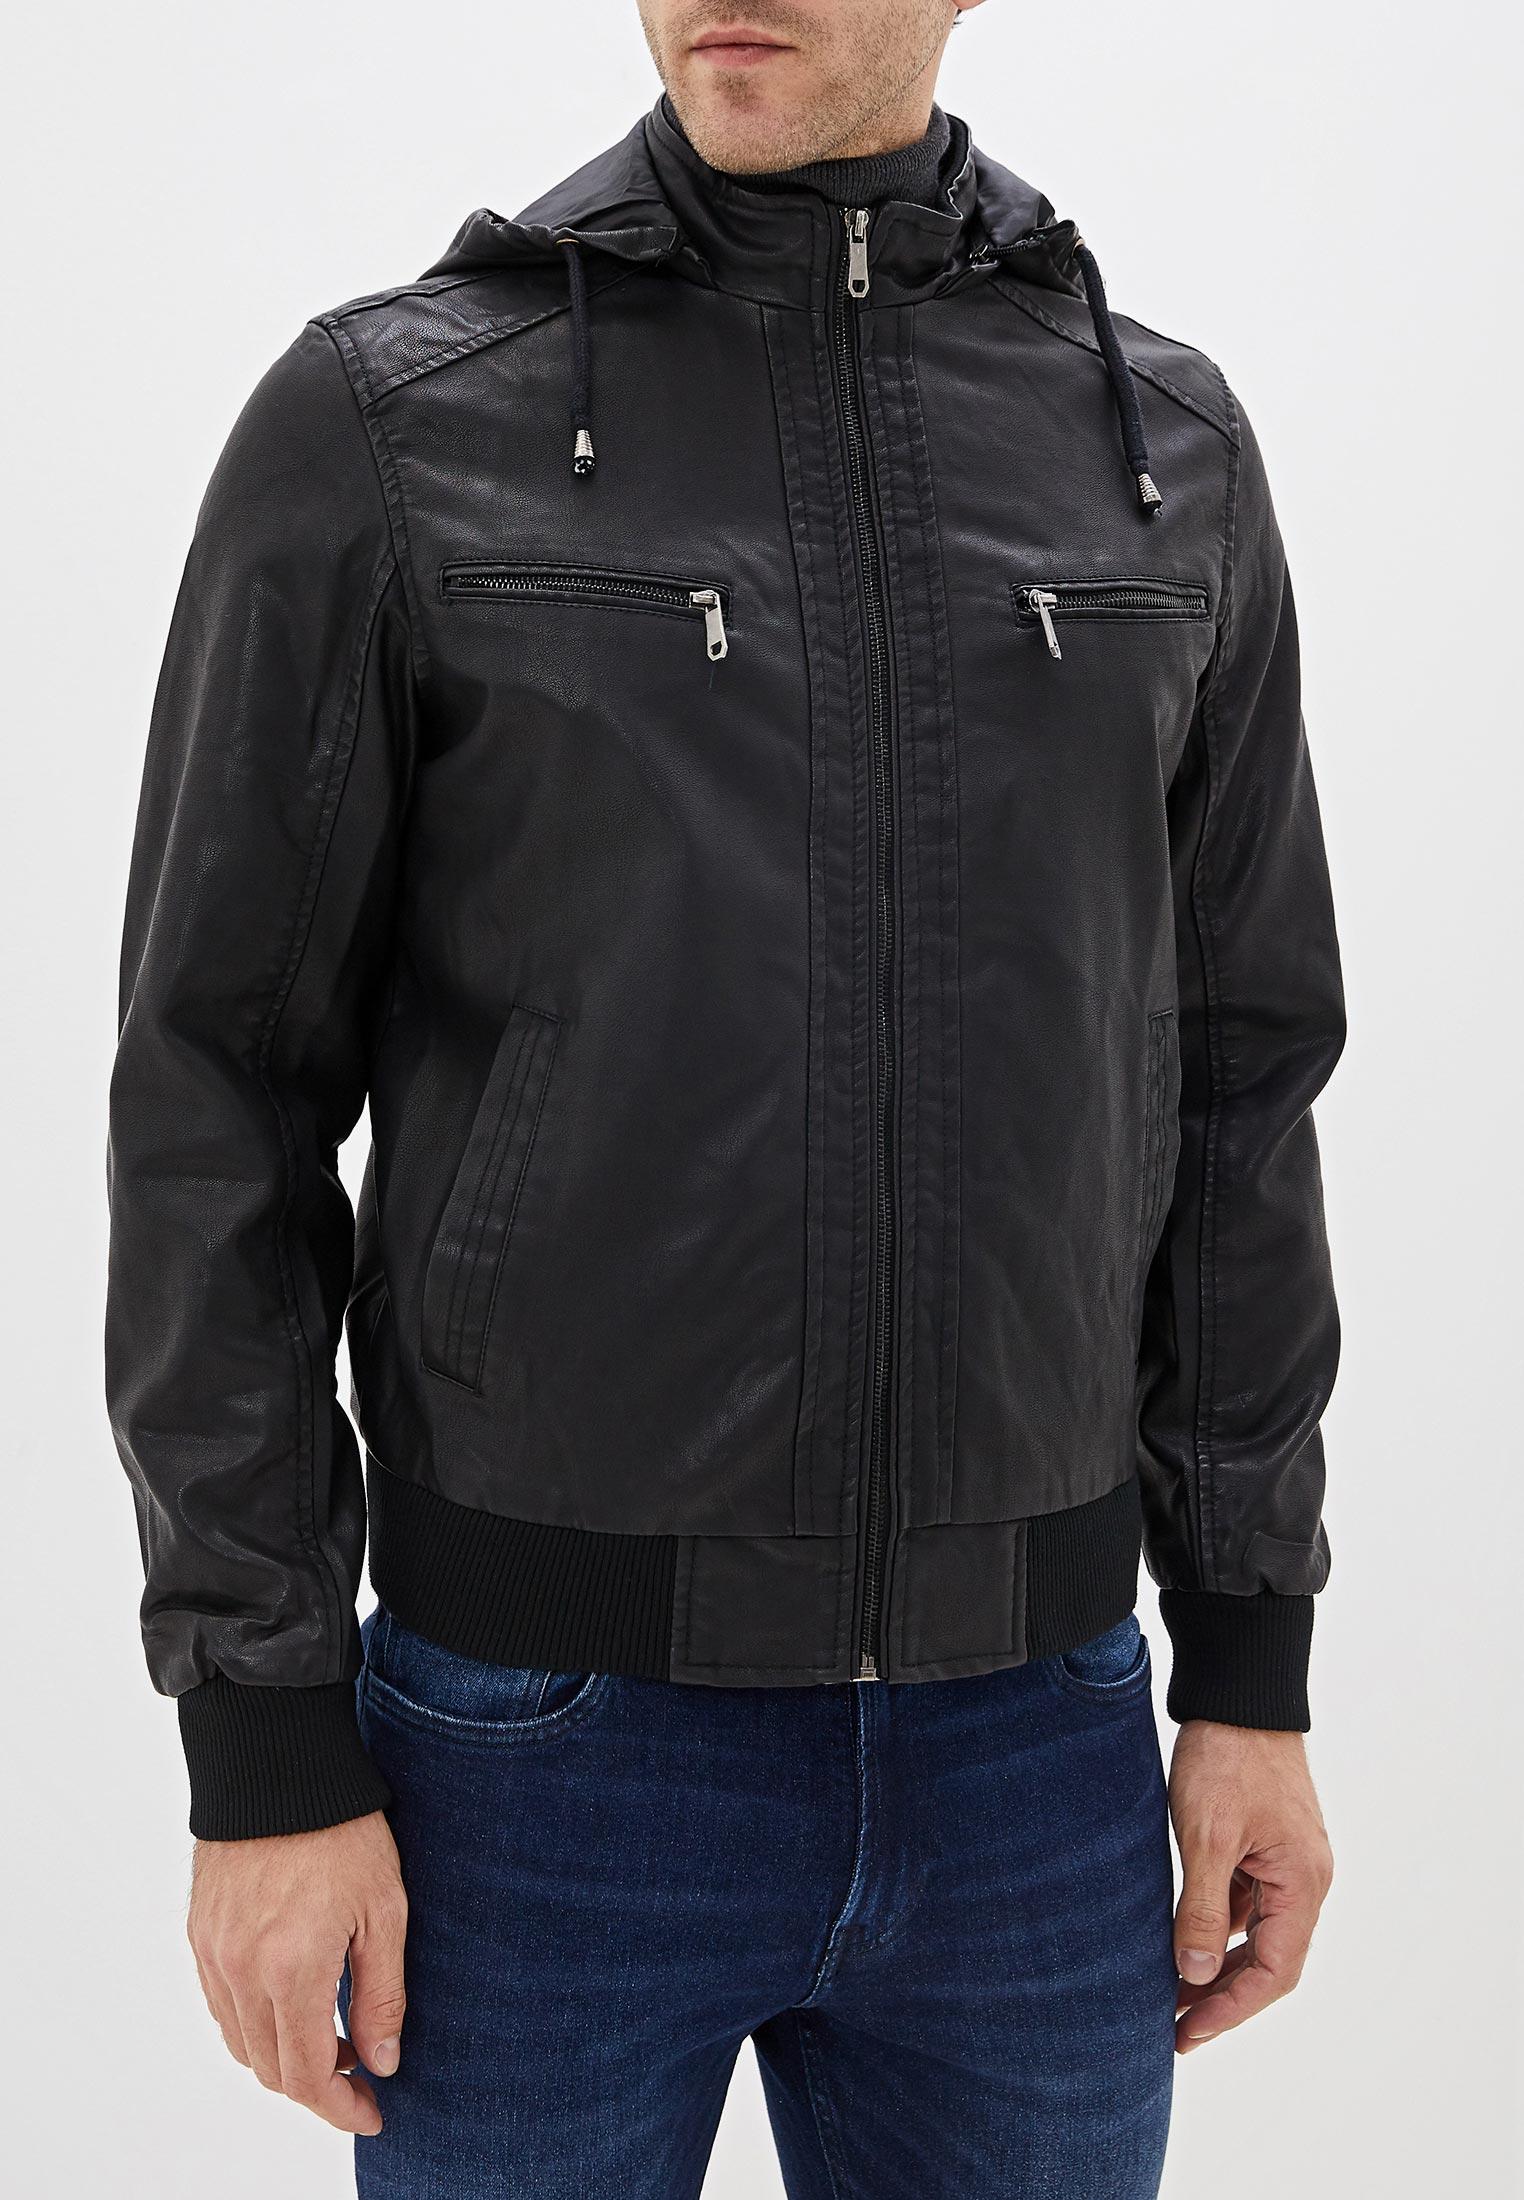 Куртка кожаная, B.Men, цвет: черный. Артикул: BM001EMGTWB7. Одежда / Верхняя одежда / Кожаные куртки